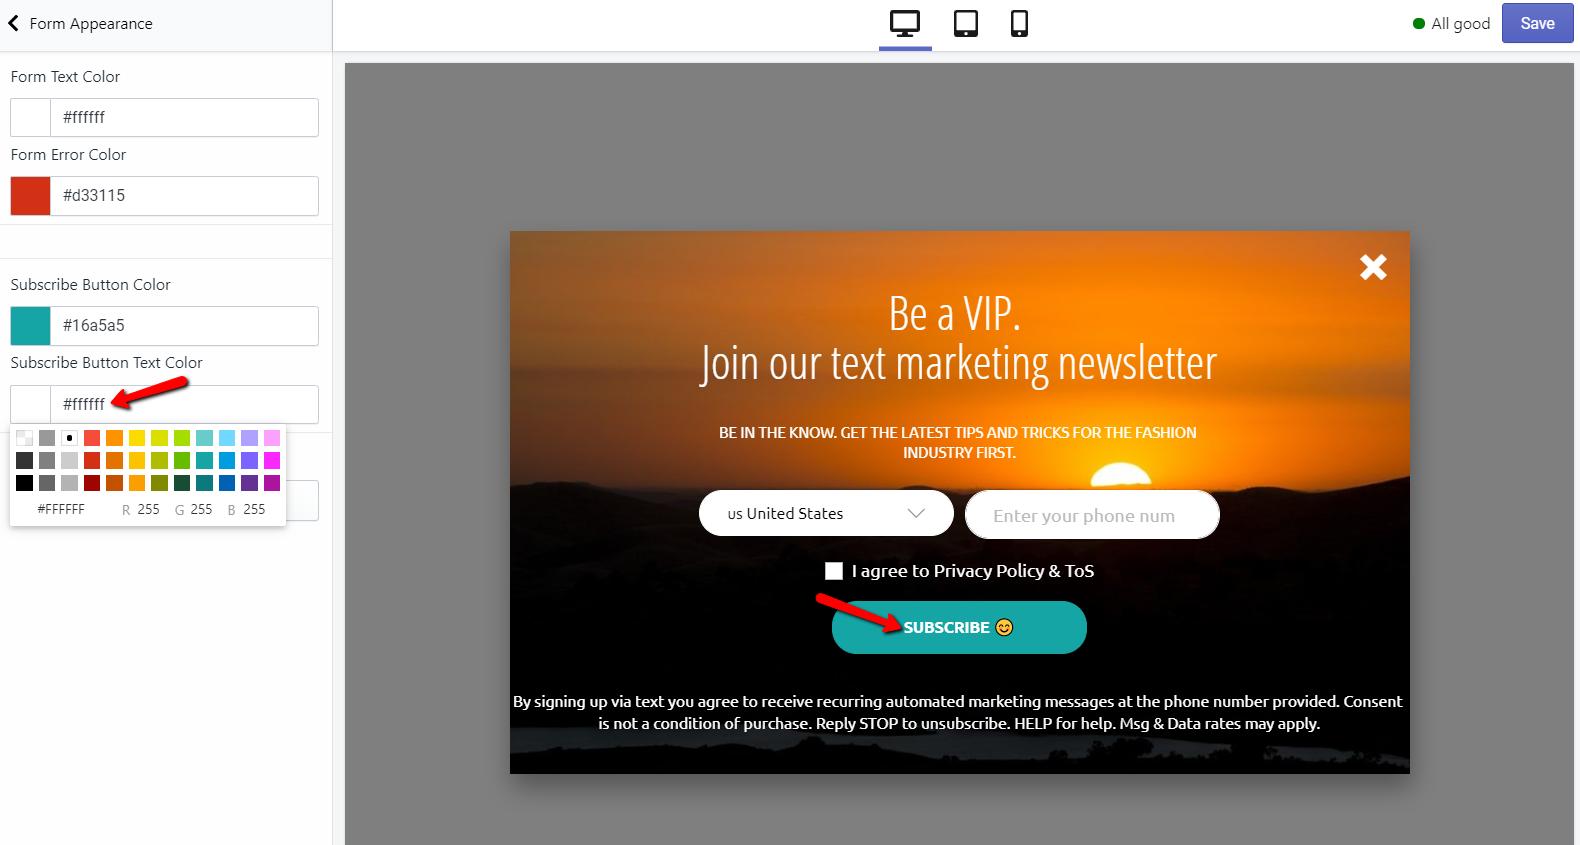 subscribe_button_text_color_SMSBump